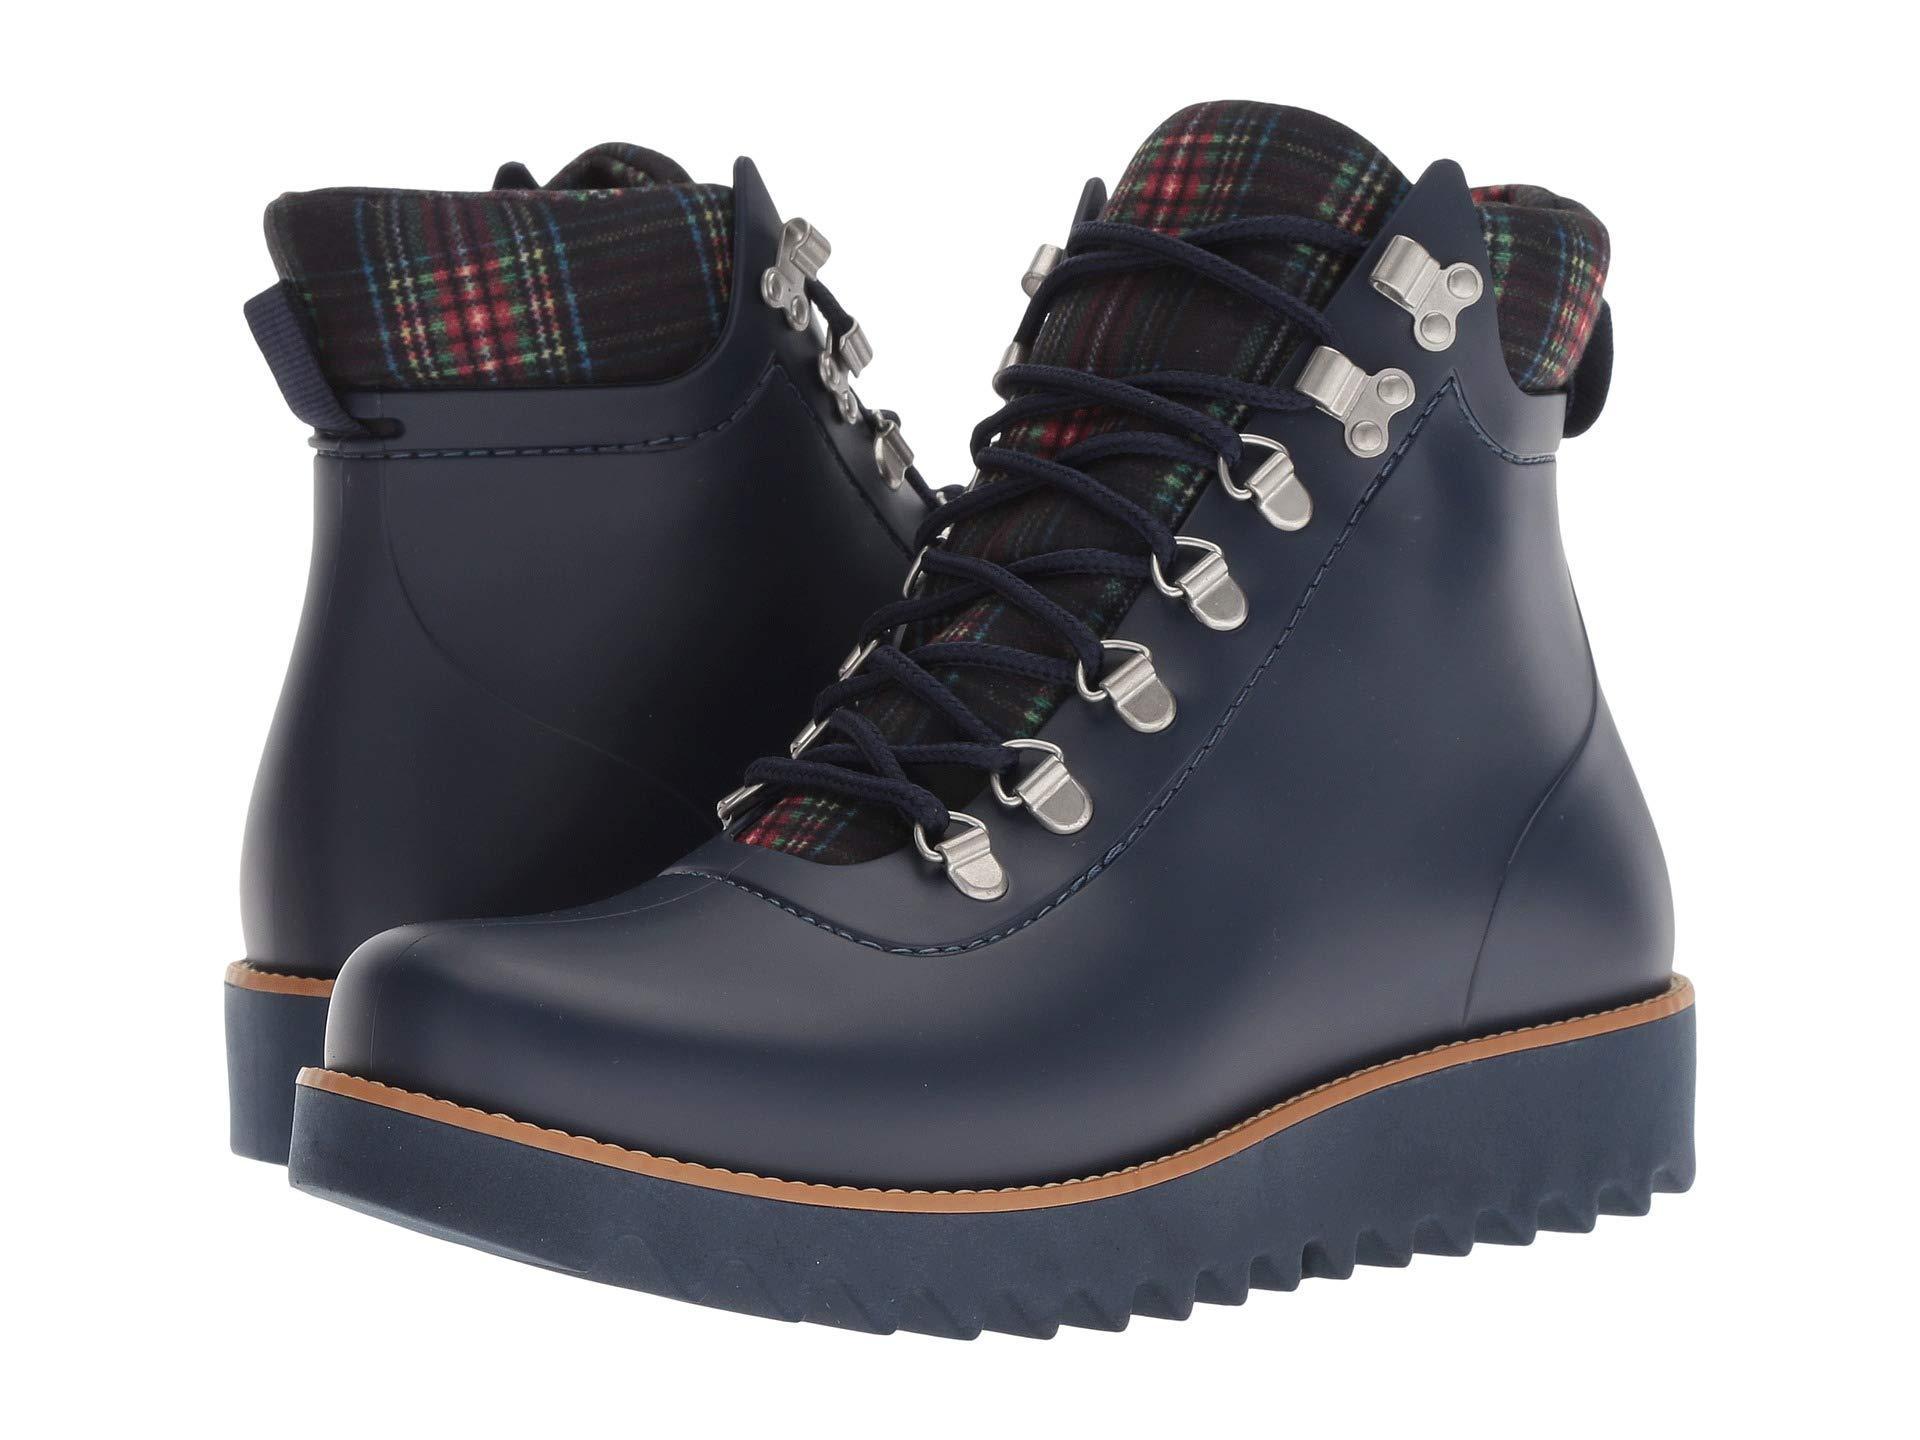 268585f560c Lyst - Bernardo Winnie Hiker Rain Boot (military Rubber plaid ...